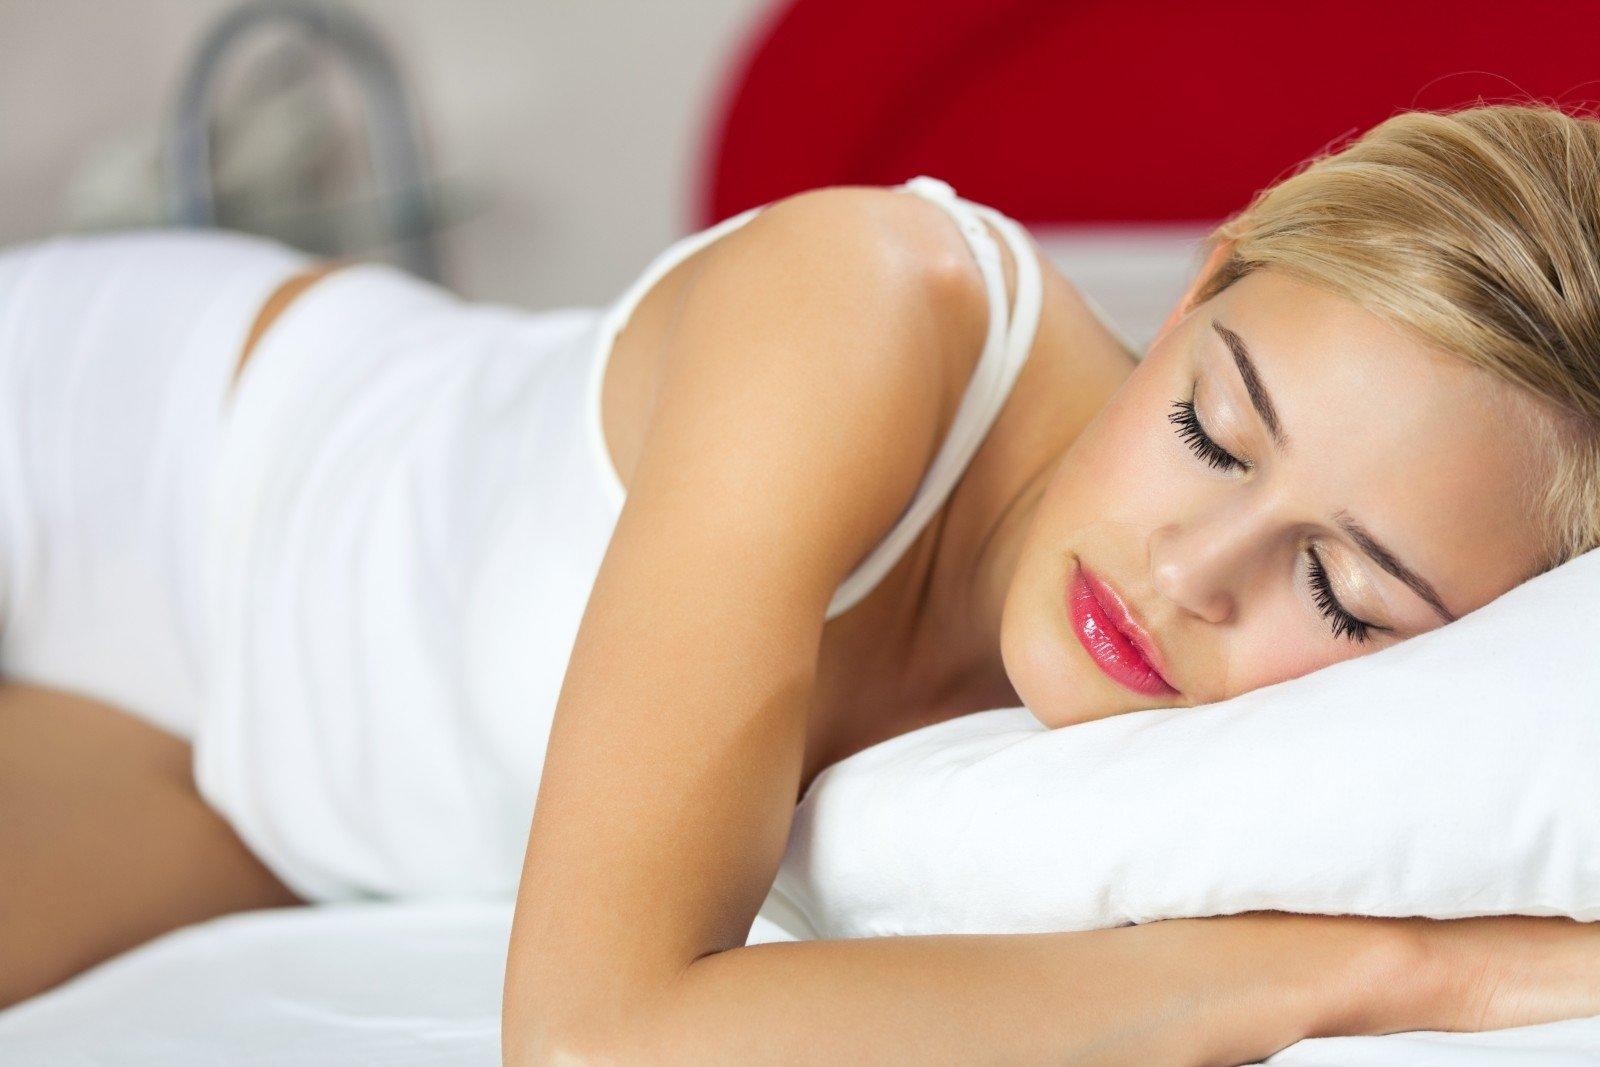 jei miegant su moterimi nėra erekcijos kaip padidinti savo varpos dydi